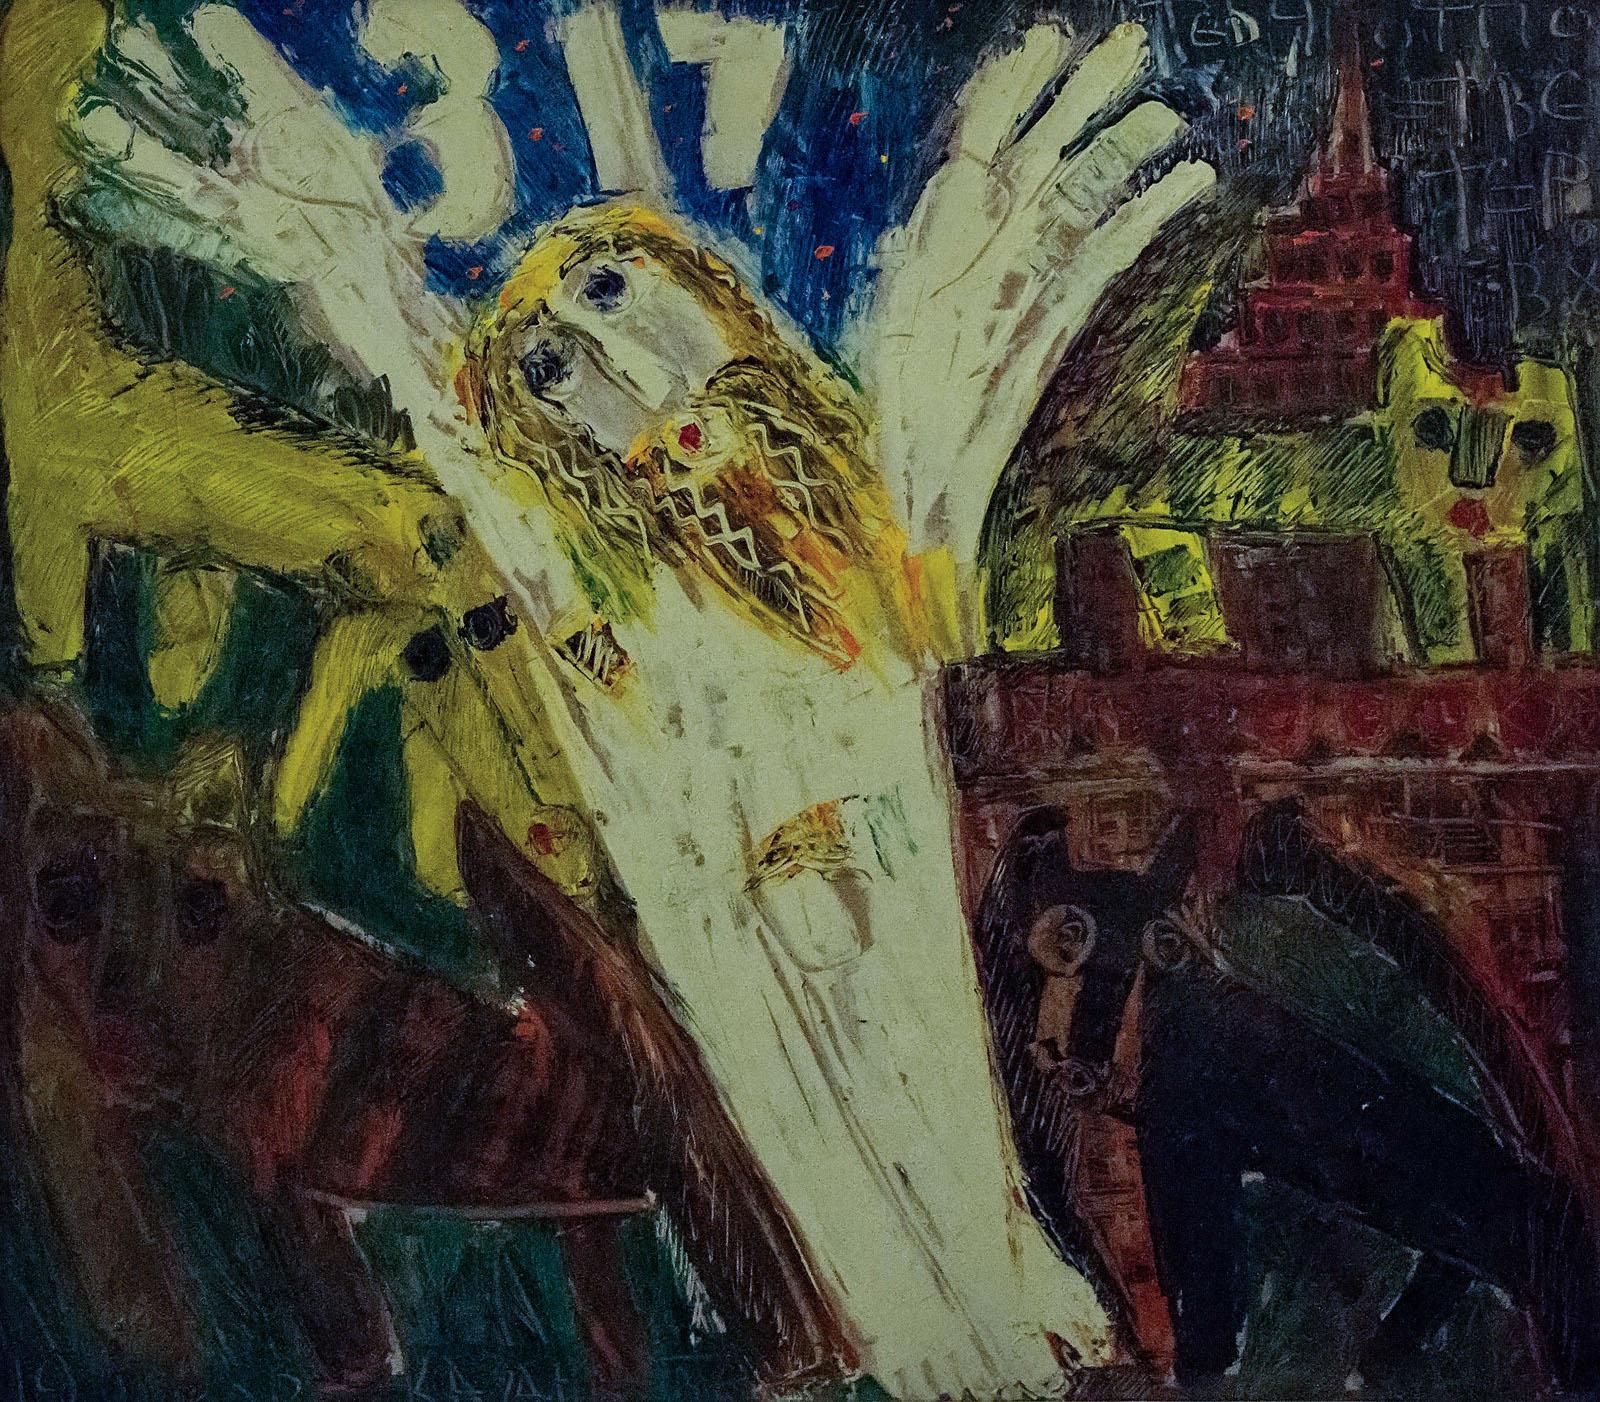 Фото №115770. Серия работ, посвященных Велимиру Хлебникову. Виктор Тимофеев